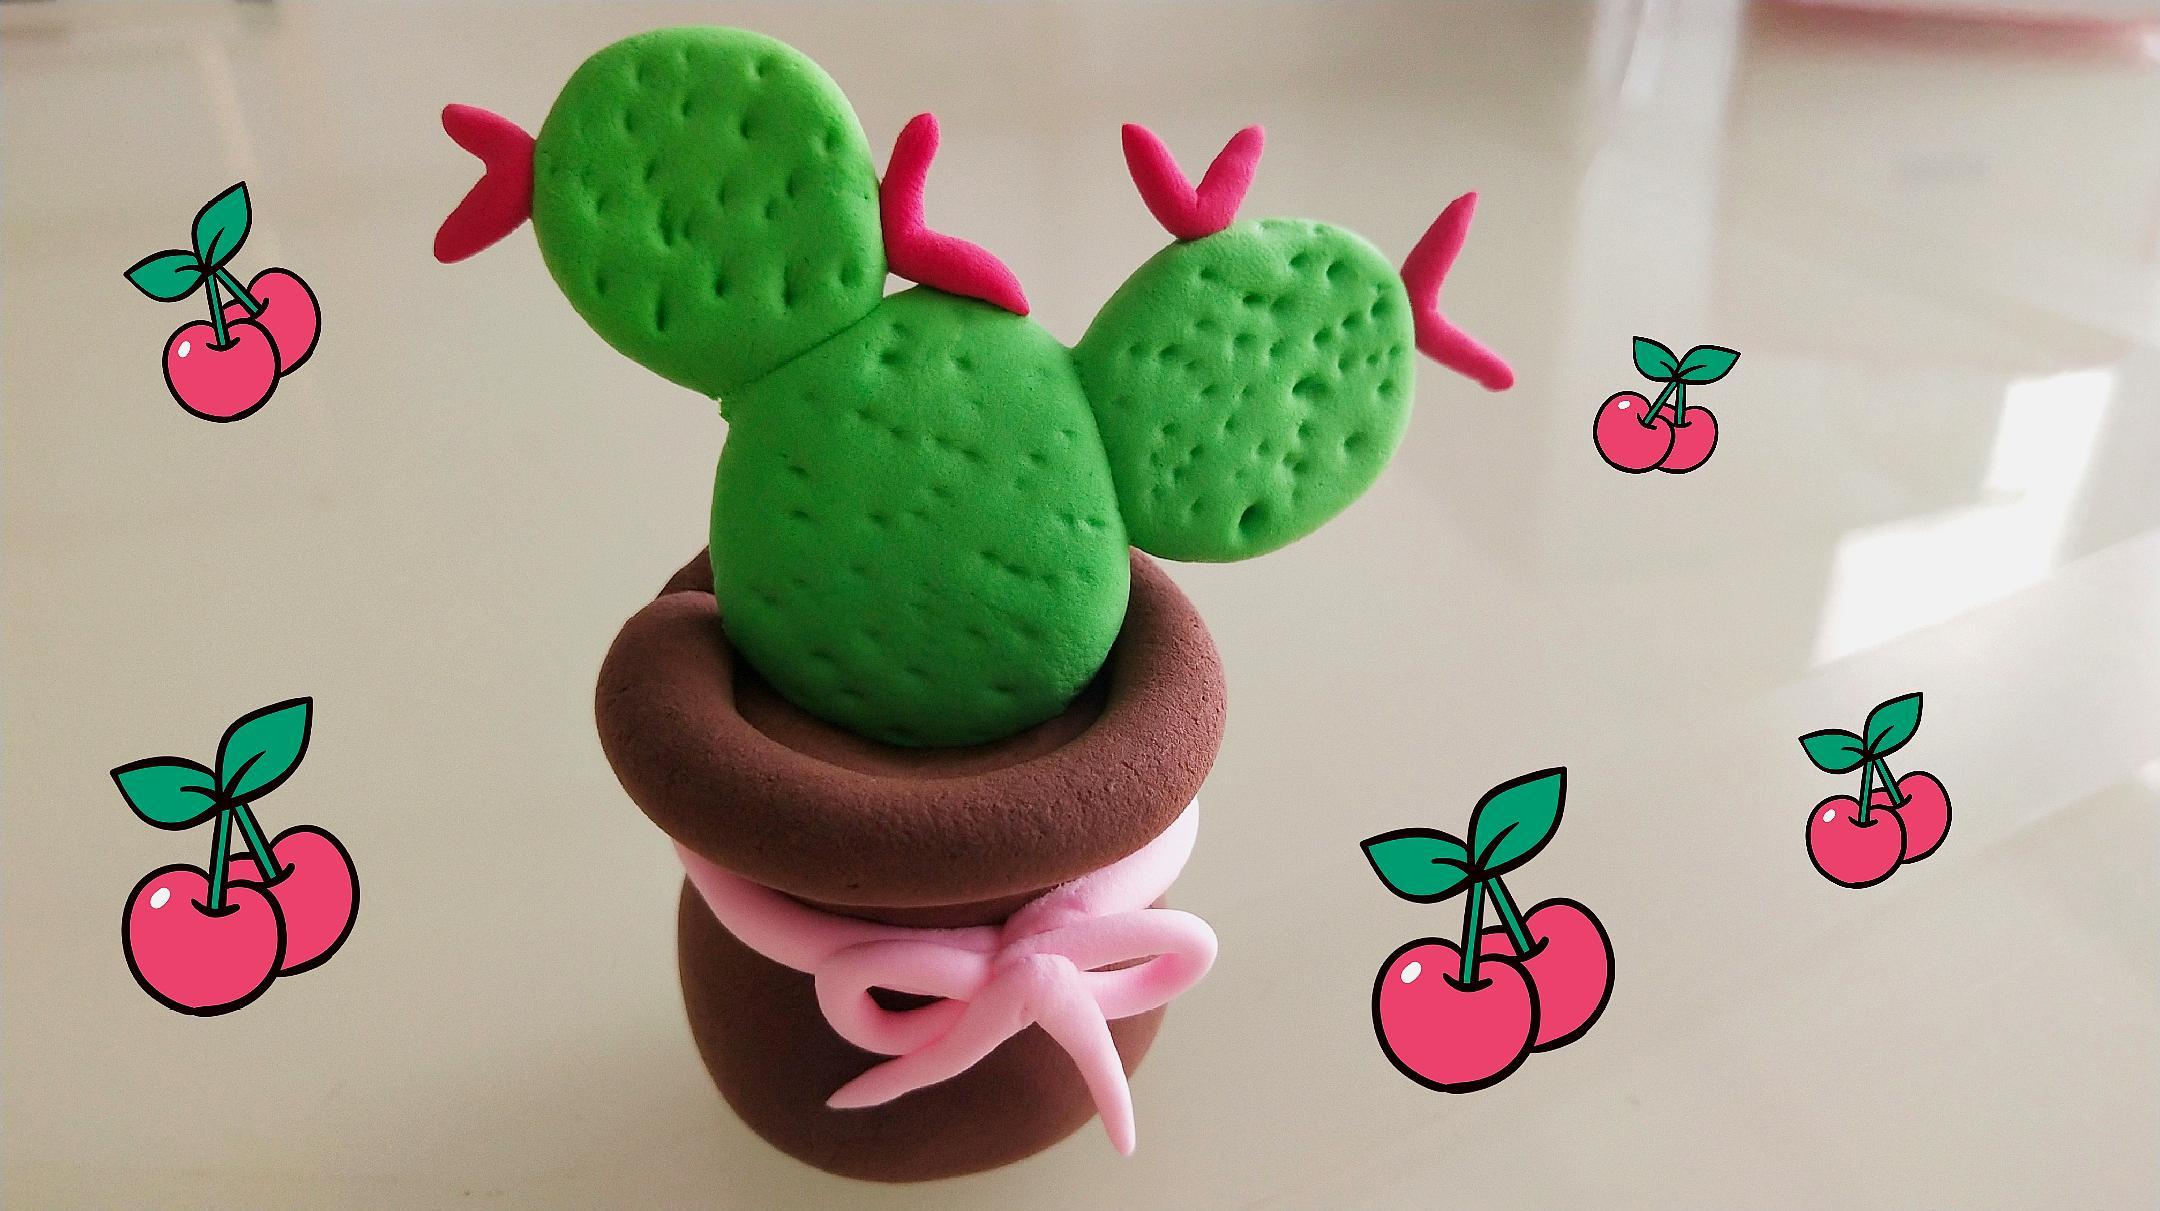 花样手工:超轻粘土制作简单又可爱的仙人掌